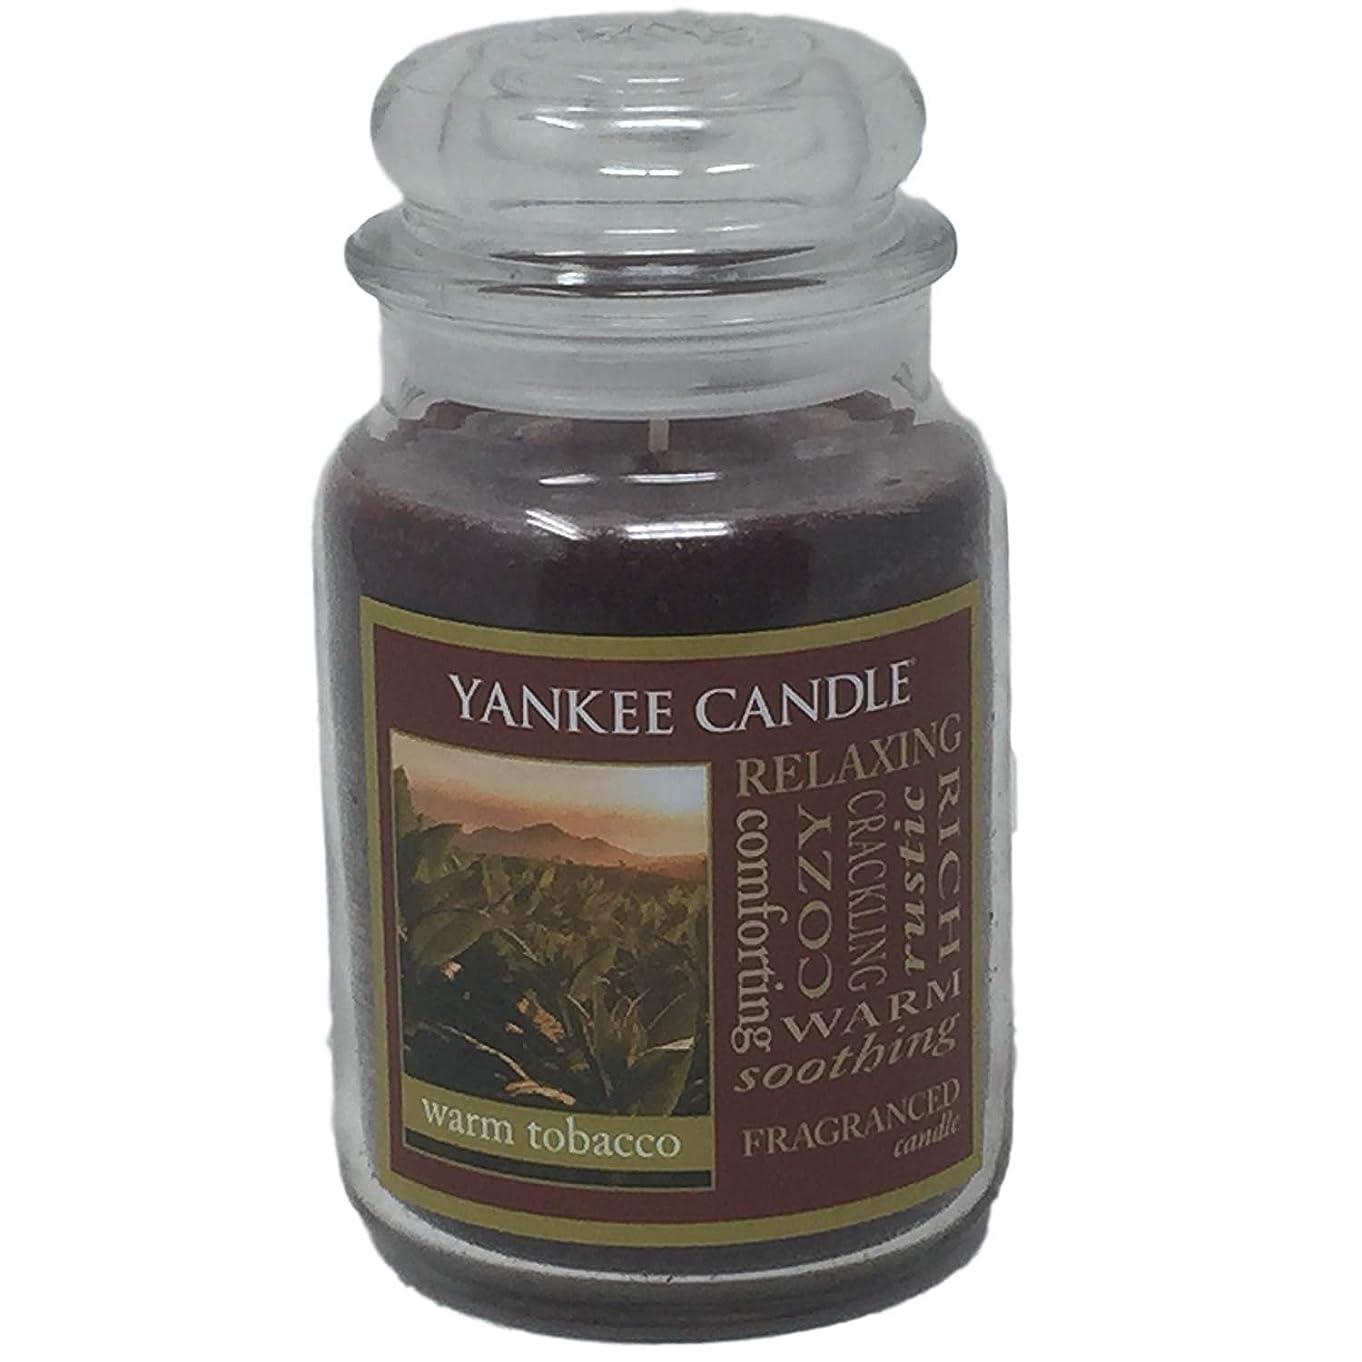 十代の若者たち高層ビル防水Yankee Candle WarmタバコJar Candle?–?22?oz Largeサイズ